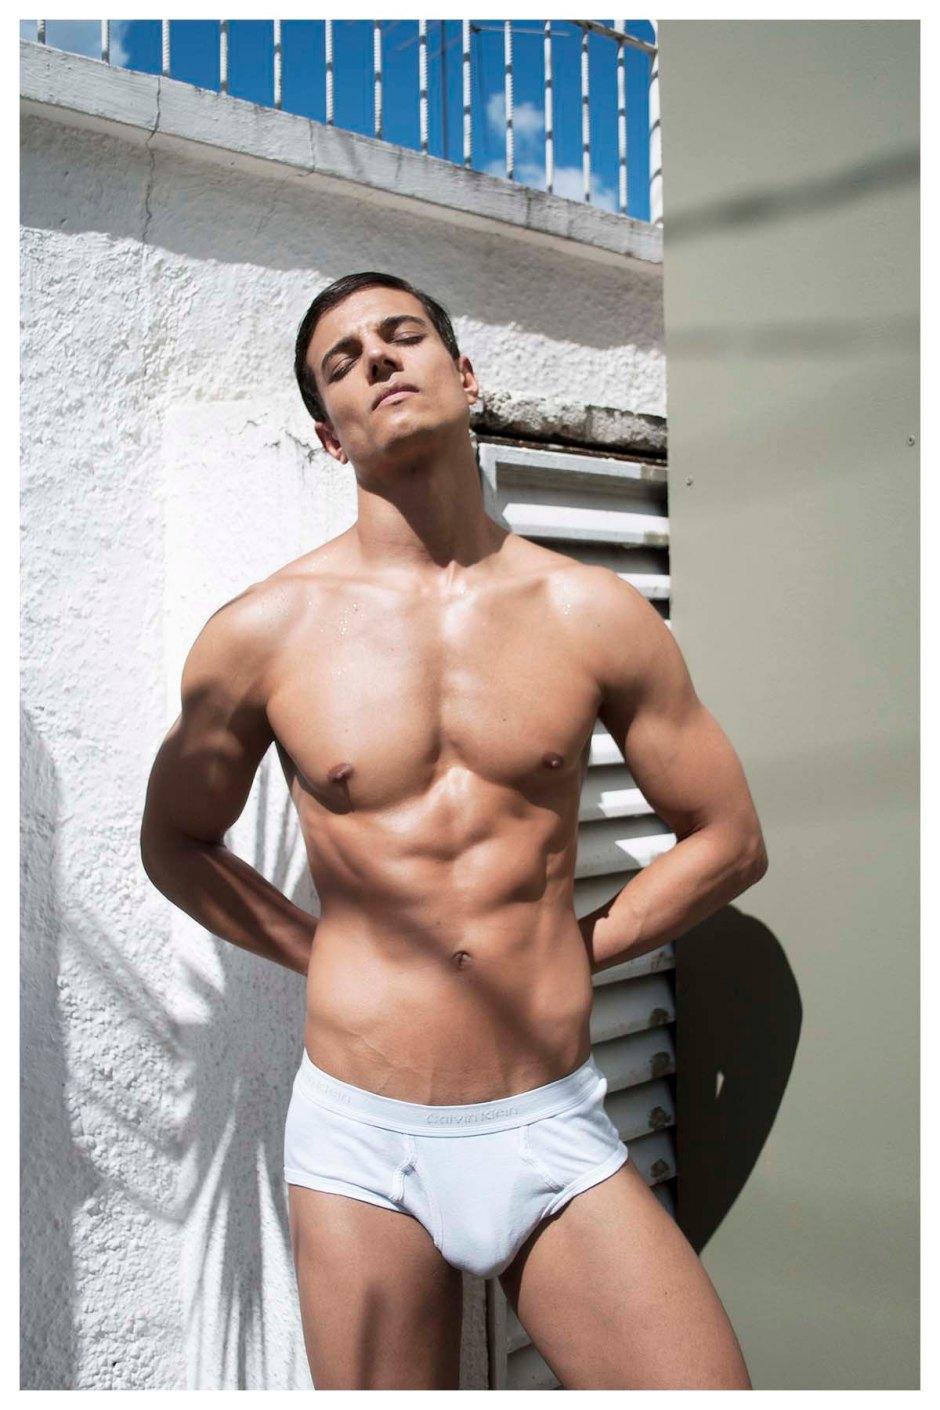 Sulevan Araujo by Rodrigo Moura for Brazilian Male Model_012